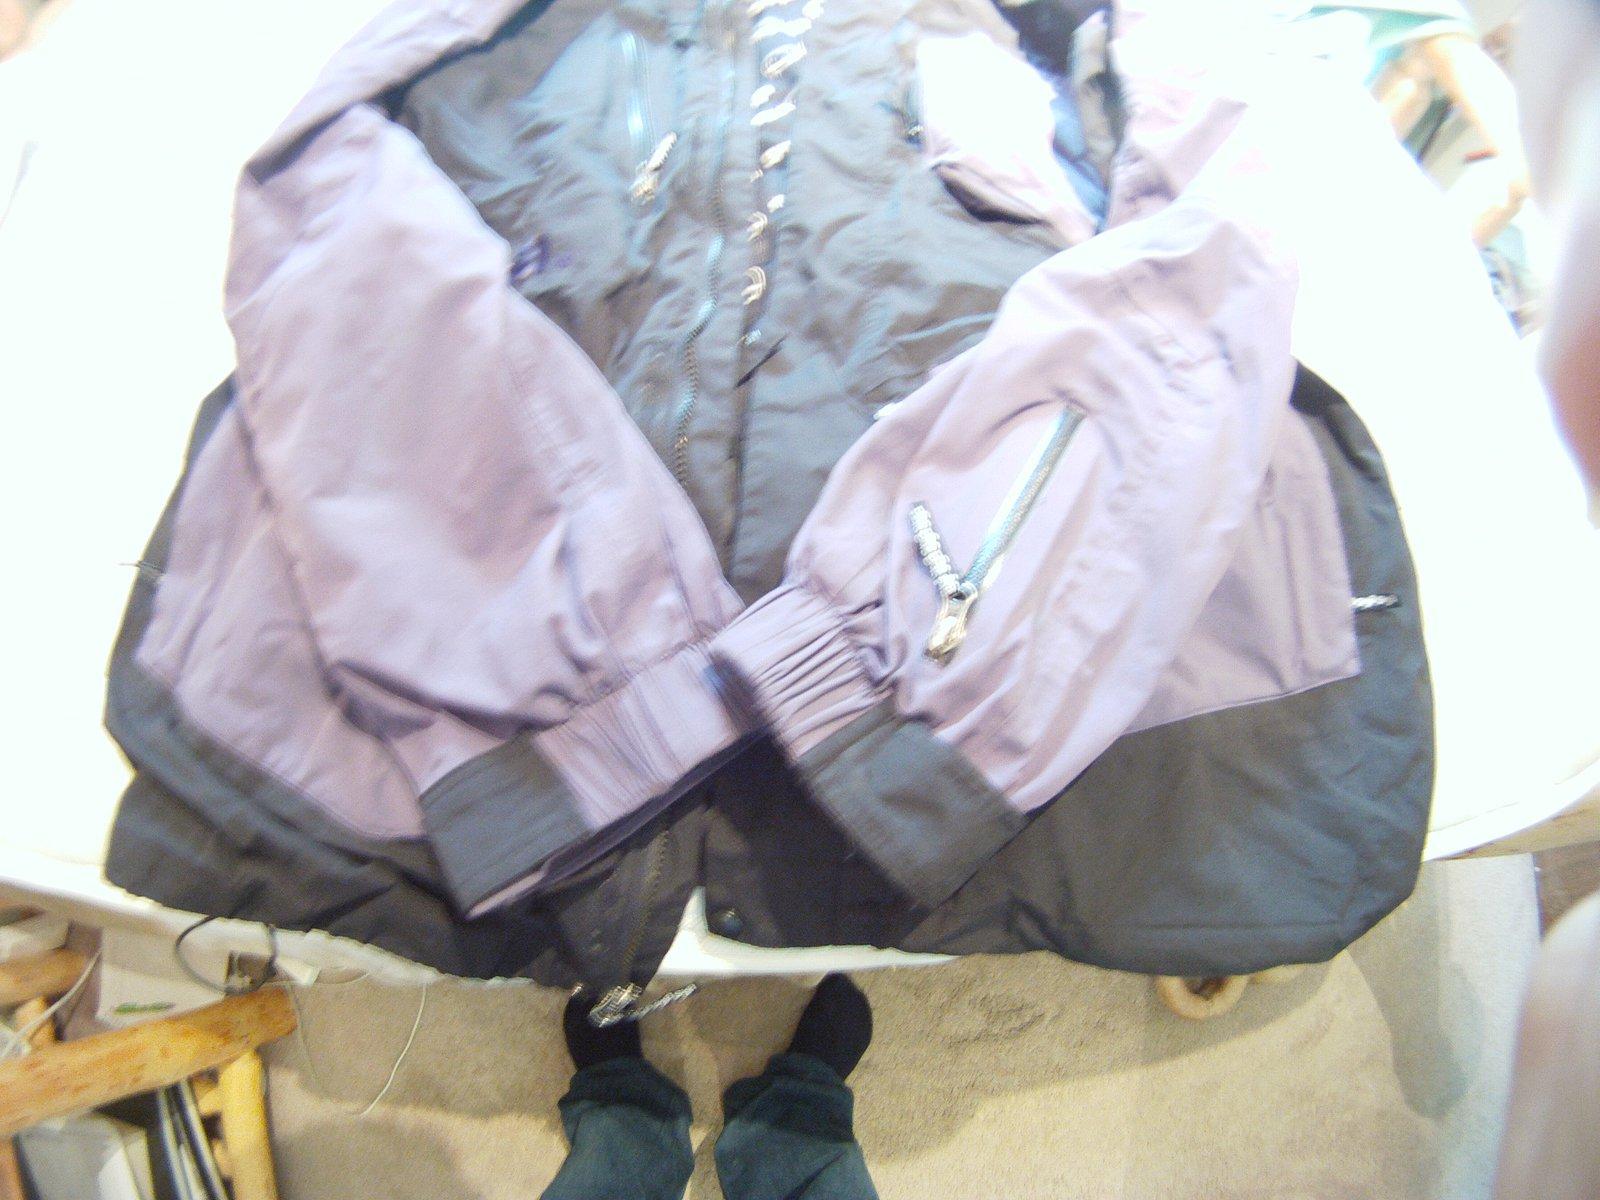 Cuffs on xl saga for sale